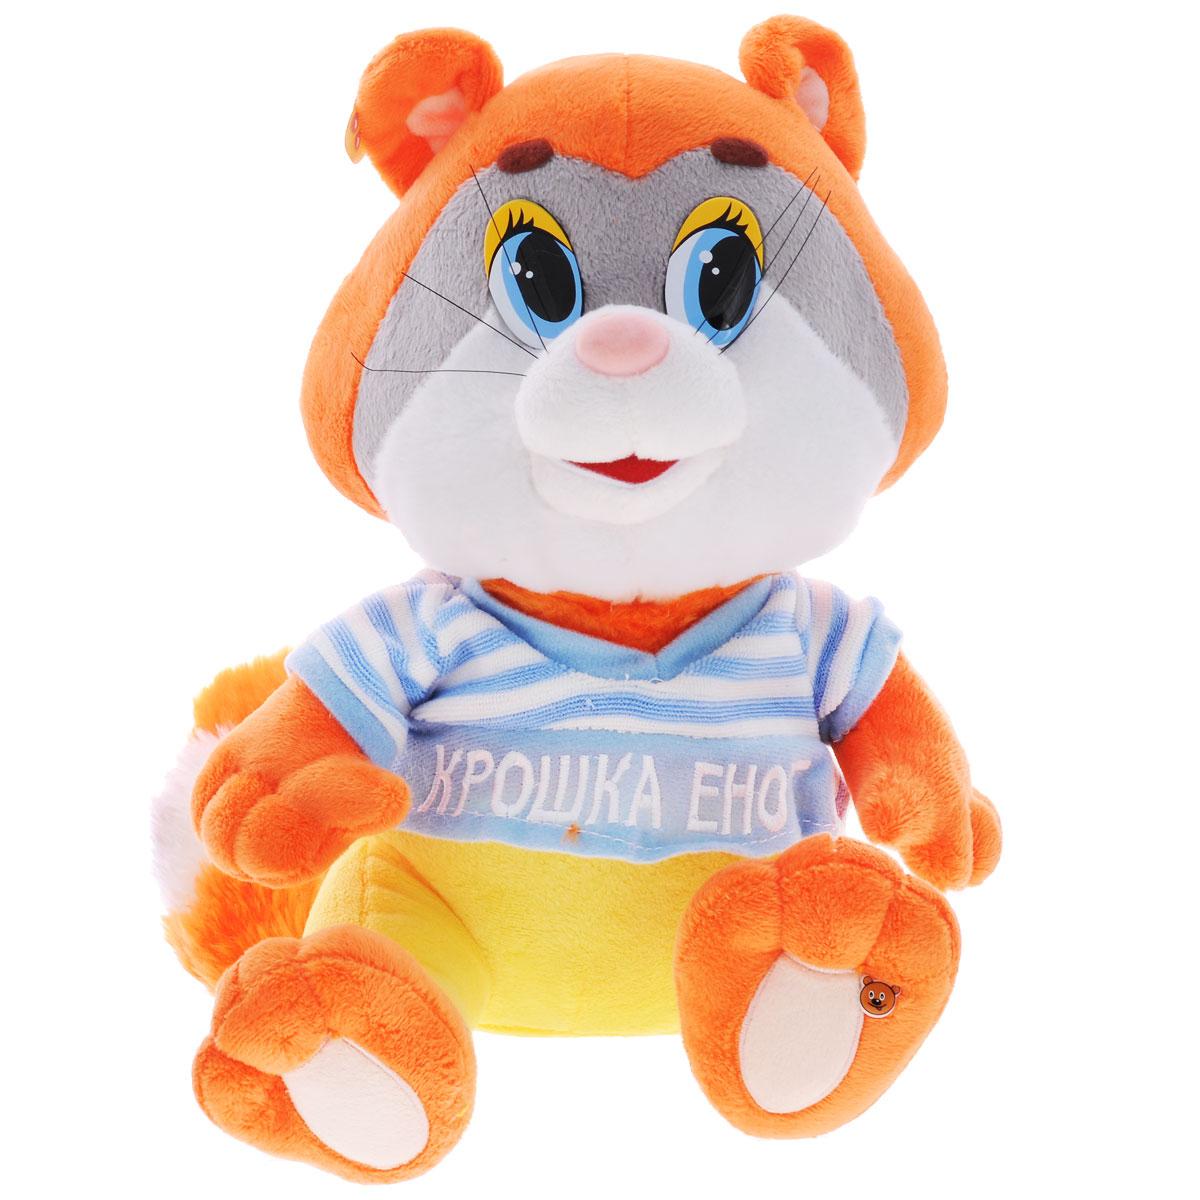 Мягкая озвученная игрушка Мульти-Пульти Крошка Енот, цвет: оранжевый, 25 смF8-W1494_оранжевыйМягкая озвученная игрушка Мульти-Пульти Крошка Енот непременно развеселит вашего малыша! Она выполнена в виде енота в полосатой футболке - персонажа известного мультфильма Крошка Енот. Туловище игрушки - мягконабивное и очень приятное на ощупь. Если нажать еноту на животик, то он произнесет фразы: Привет, я Крошка Енот, Я уже большой и очень храбрый, Я никого, никого не боюсь, Возьми меня с собой, Пойдем погуляем, Если хочешь подружиться - улыбнись, Ты настоящий друг, Я так рад, что нашел тебя, Давай играть вместе, Расскажи мне сказку, Я тебя люблю, Давай споем вместе песенку. Енот исполняет песенку Улыбка. Игрушка подарит своему обладателю хорошее настроение и позволит насладиться обществом любимого героя. Порадуйте своего ребенка таким замечательным подарком! Игрушка работает от батареек (товар комплектуется демонстрационными).